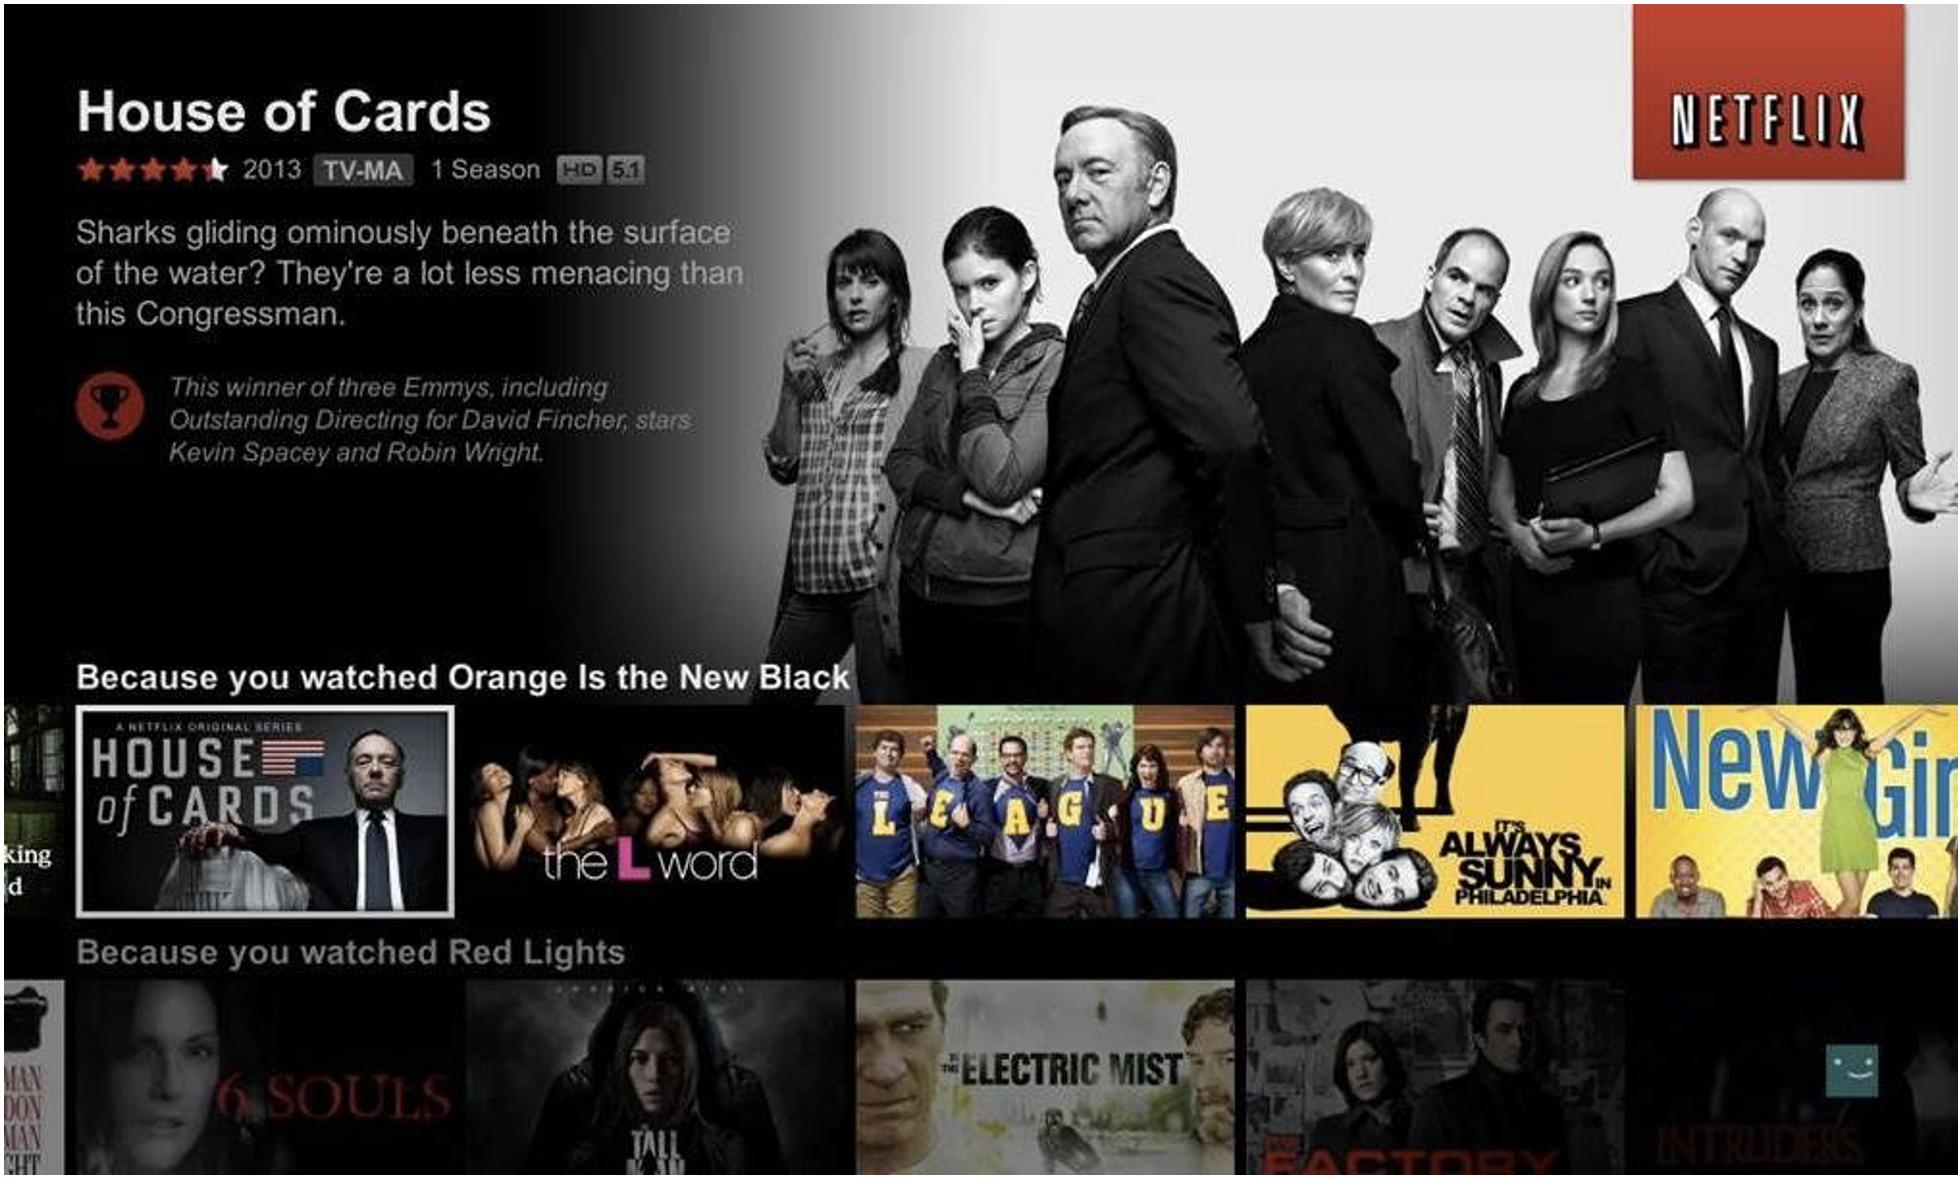 Netflix Personalised marketing